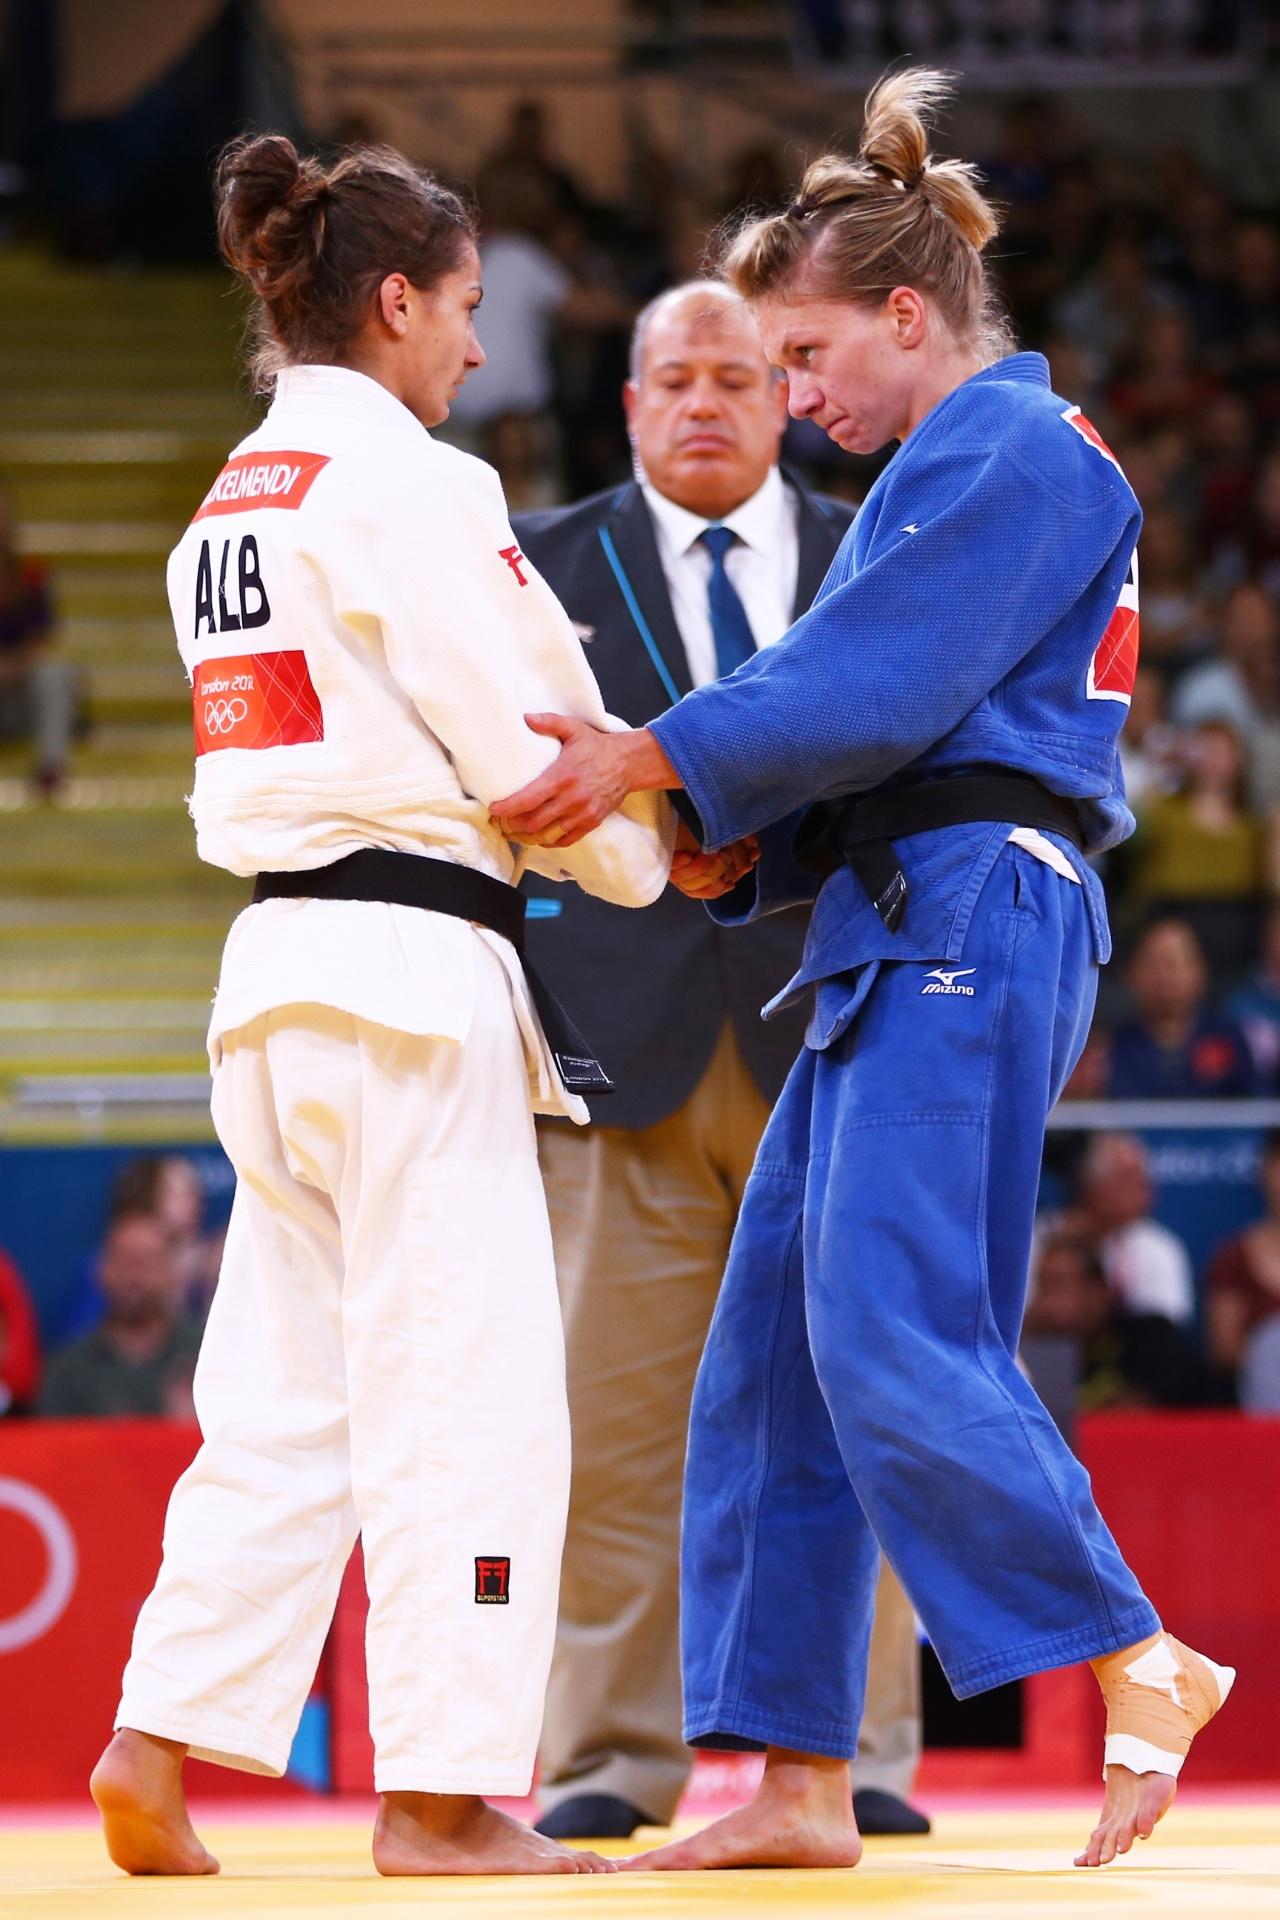 Mjlinda Kelmendi, do Kosovo, compete nos Jogos Olímpicos de Londres-2012 pela Albânia